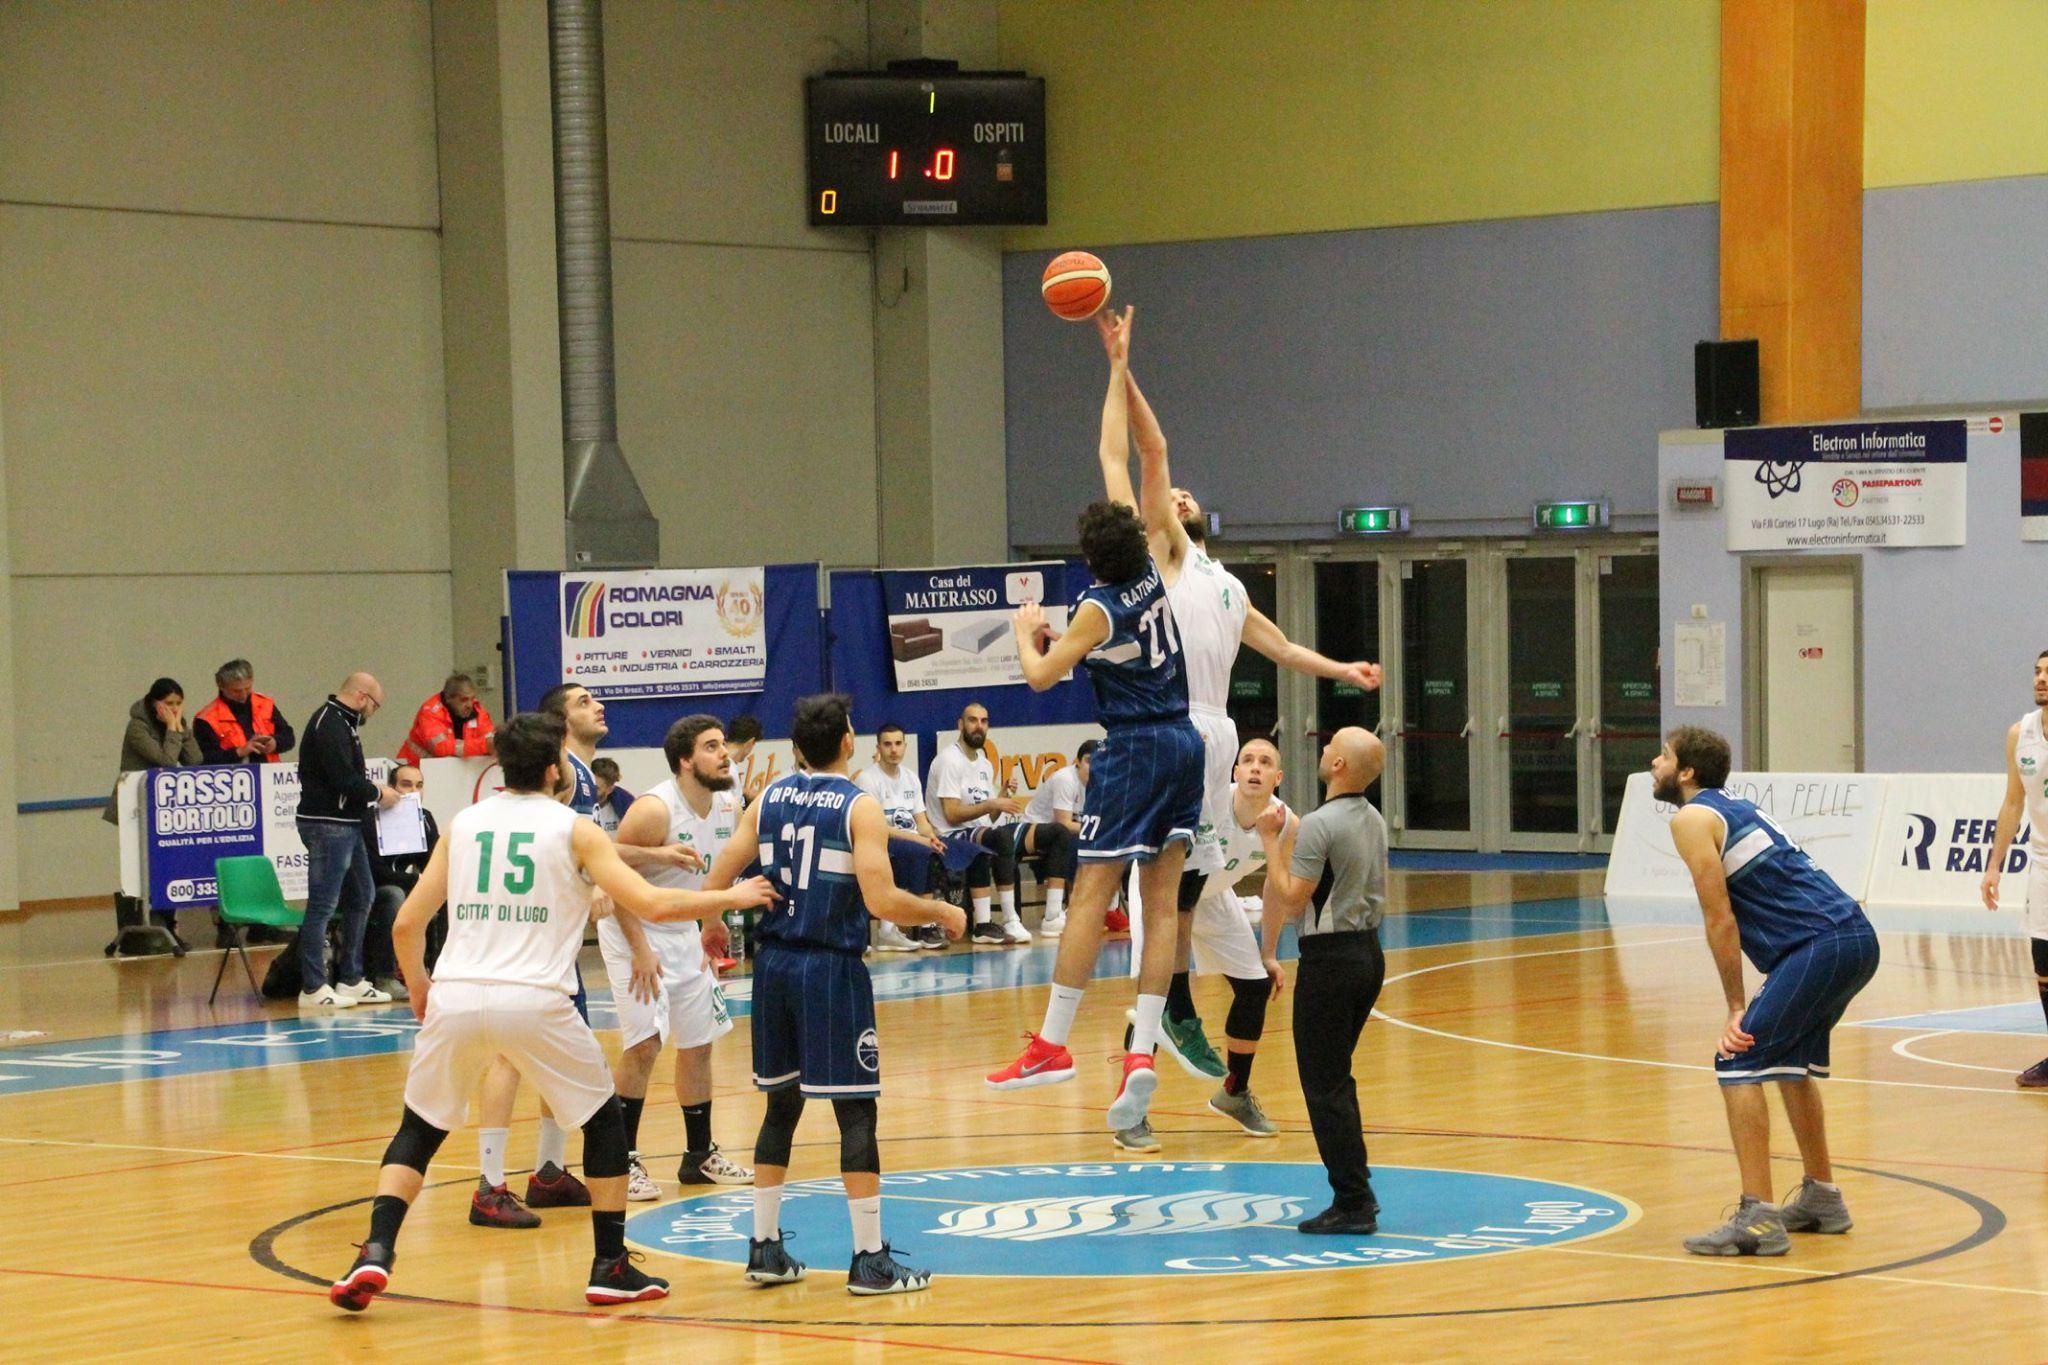 Casa Del Materasso Lugo basket: gimar lecco corsara sul campo di lugo. vittoria 83